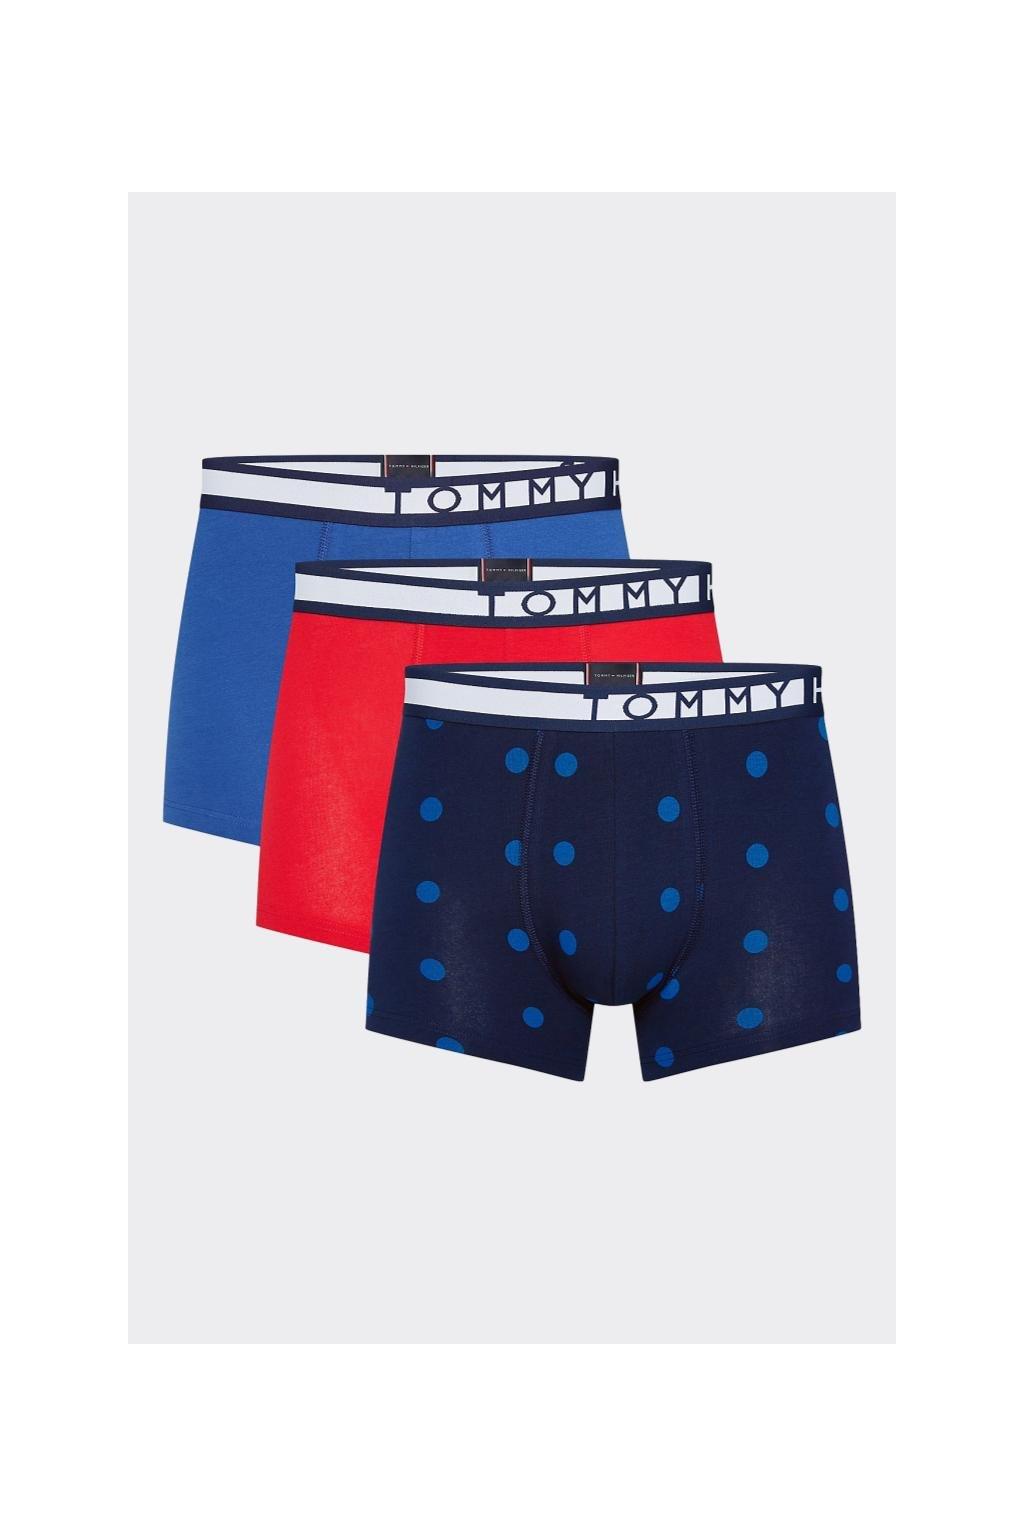 Tommy Hilfiger Statement Boxerky 3 balení -  modrá, červená